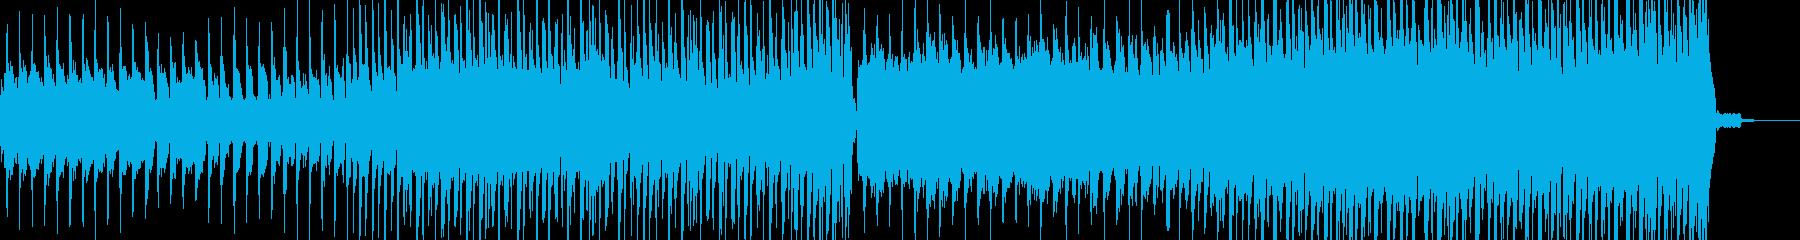 シンセリードとストリングスのエンディングの再生済みの波形